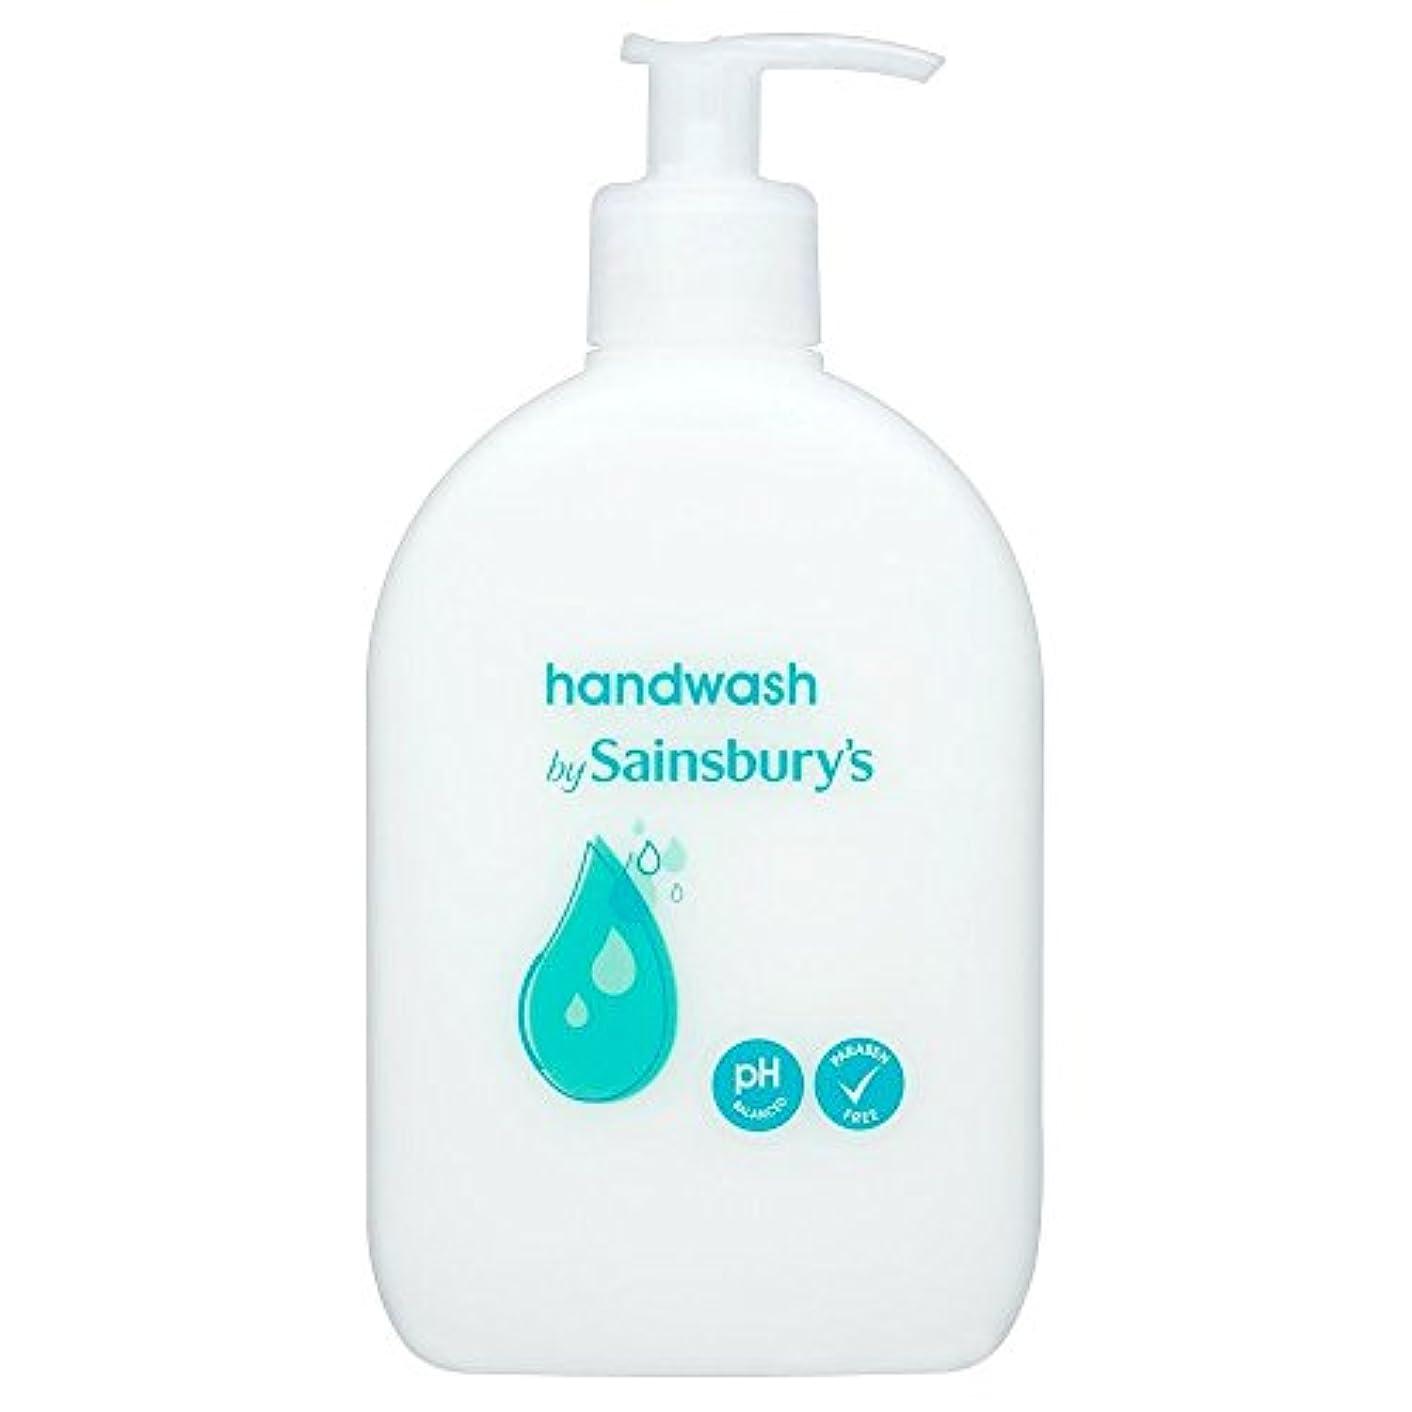 マラソン弾力性のある業界Sainsbury's Handwash, White 500ml - (Sainsbury's) 手洗い、白500ミリリットル [並行輸入品]